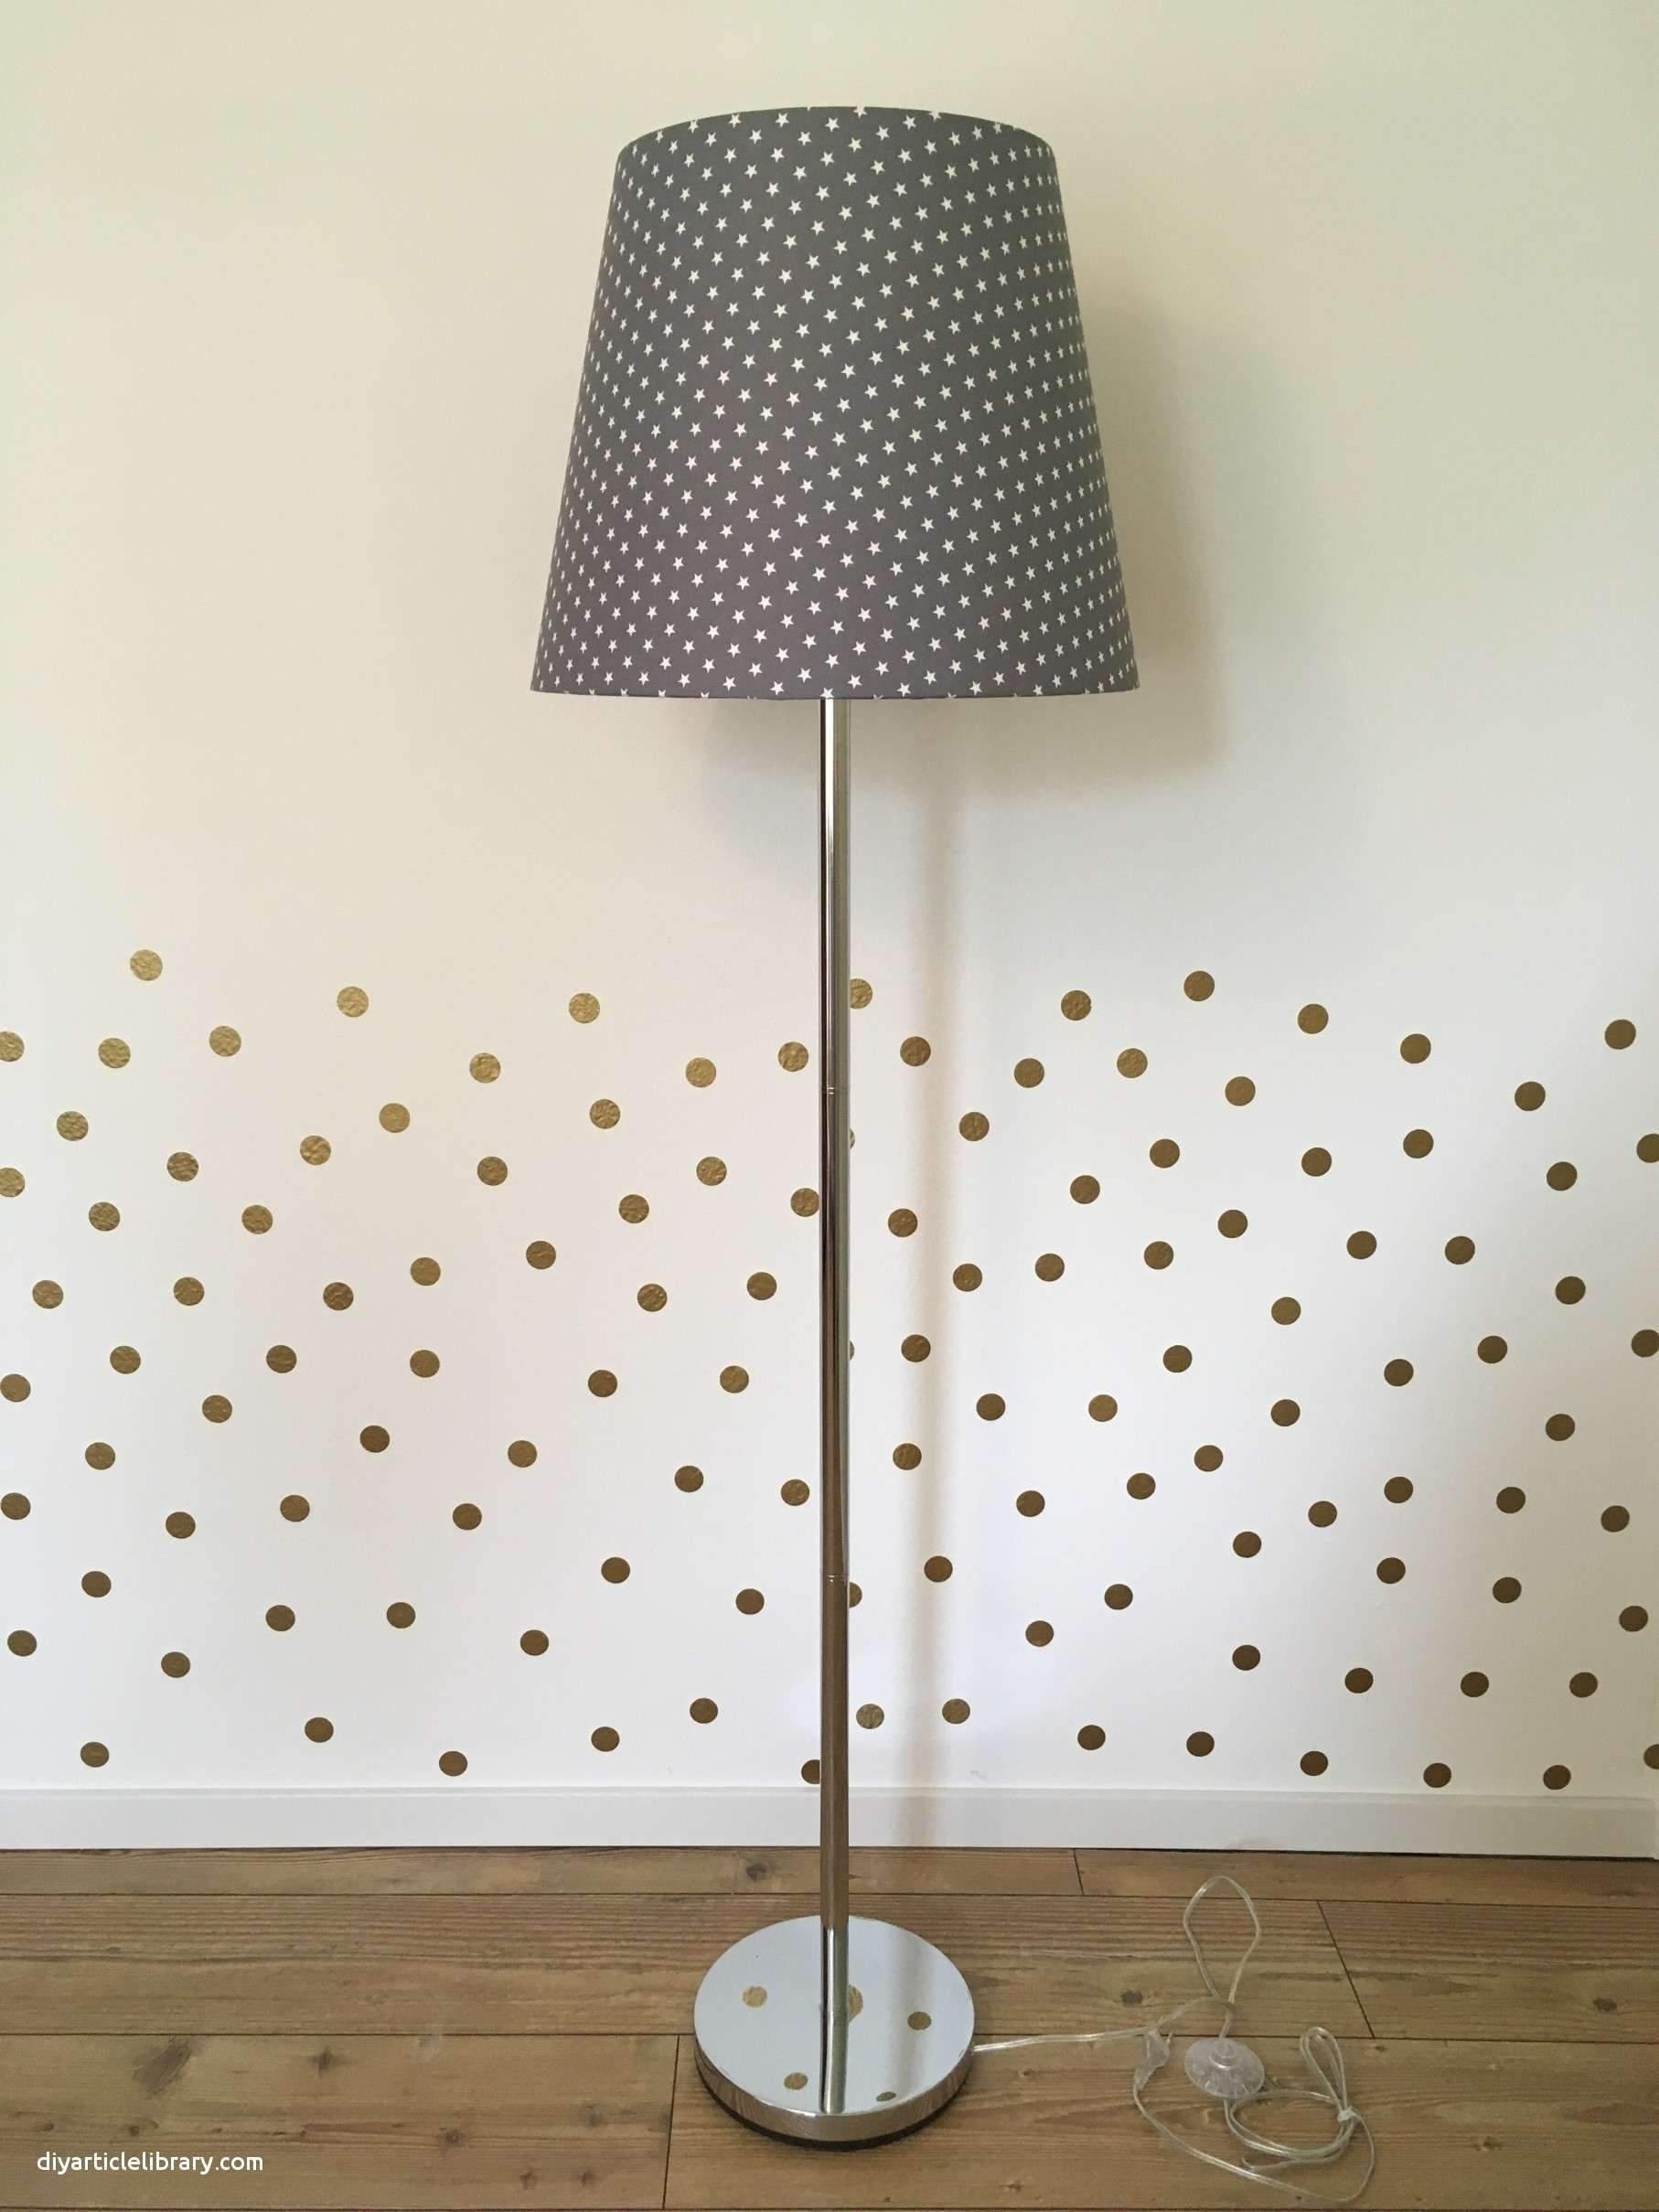 Full Size of Wohnzimmer Stehlampe Modern 34 Luxus Stehlampen Inspirierend Frisch Tapeten Ideen Deckenlampen Gardine Liege Tapete Küche Deckenlampe Sessel Lampe Wandbilder Wohnzimmer Wohnzimmer Stehlampe Modern